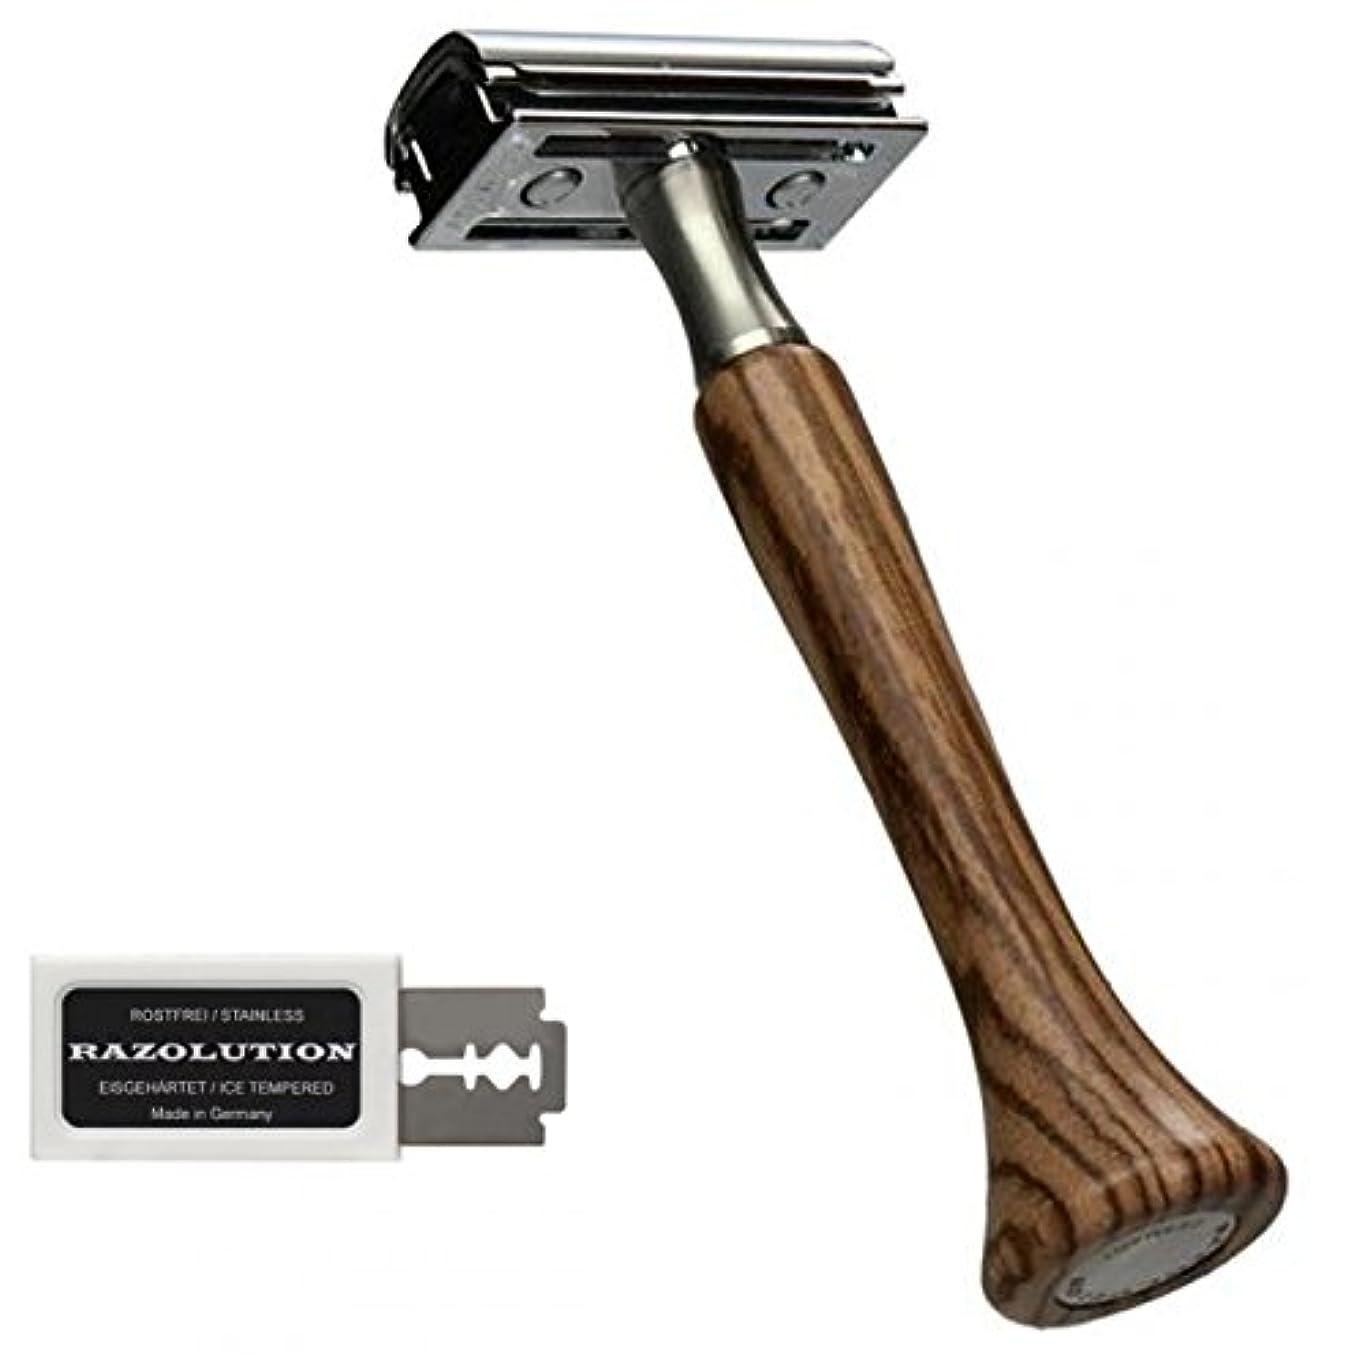 ページ達成する定説RAZOLUTION 4Edge Safety razor, Zebrano handle